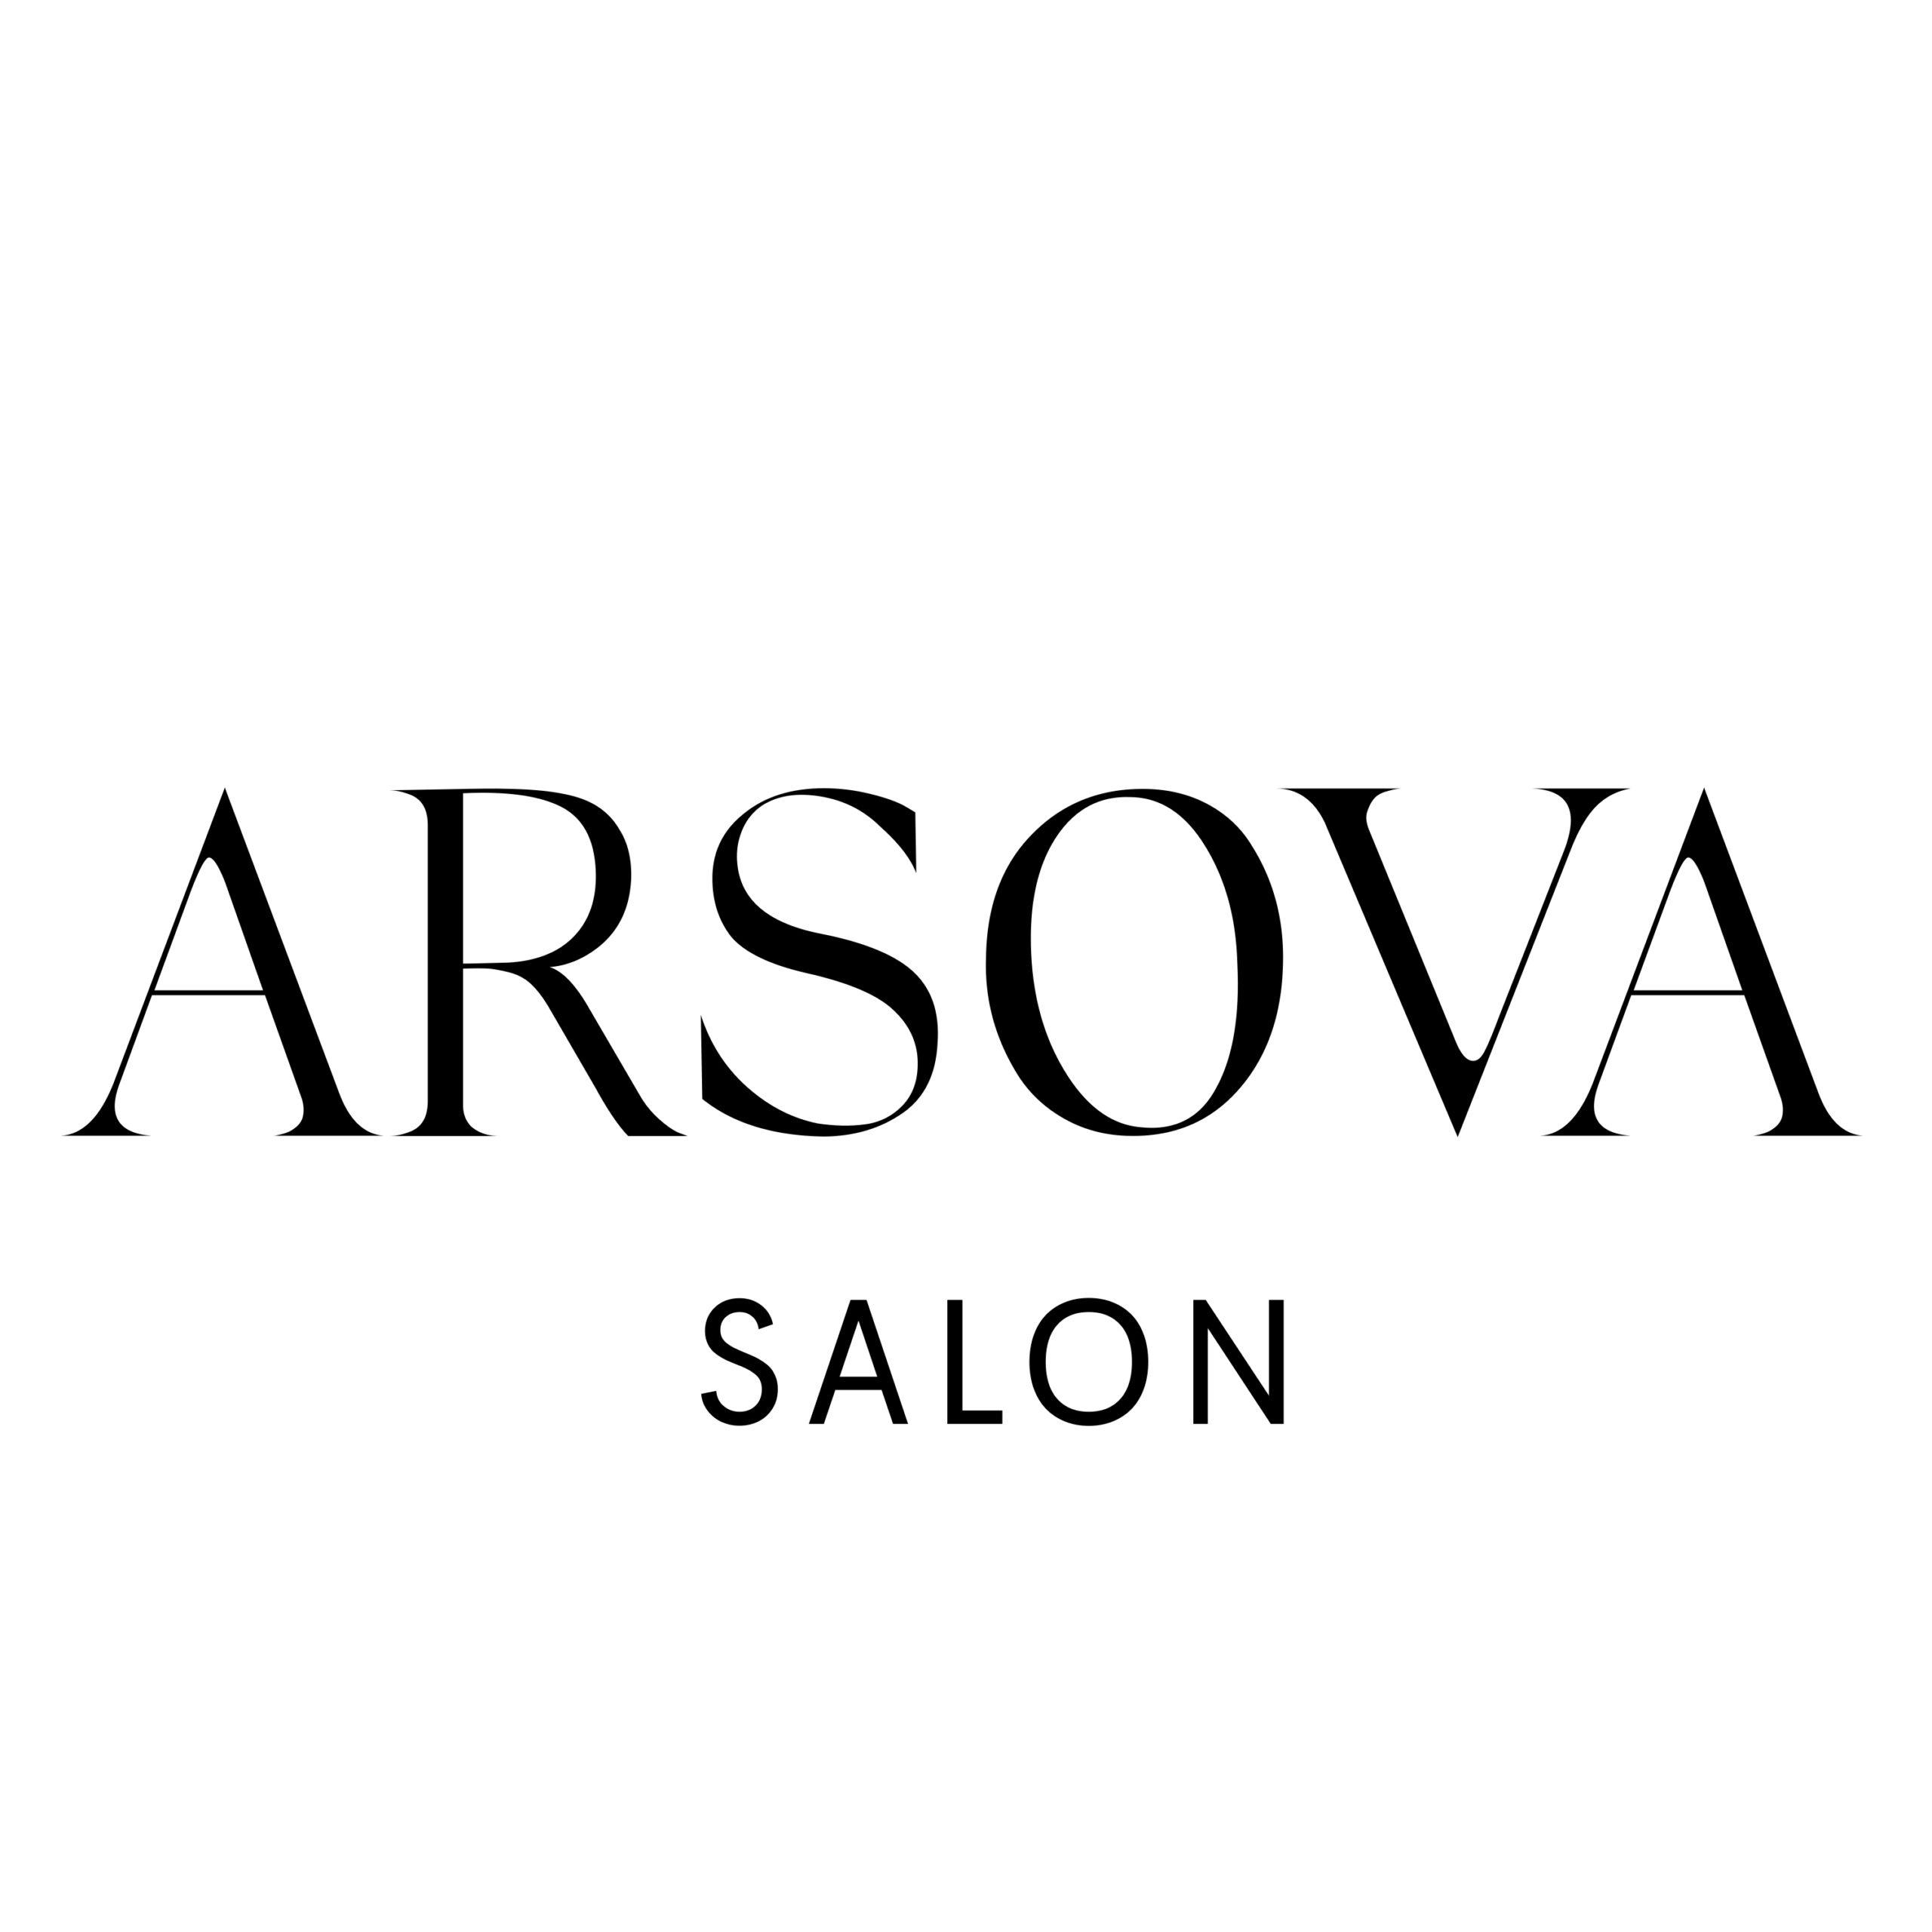 Arsova Salon